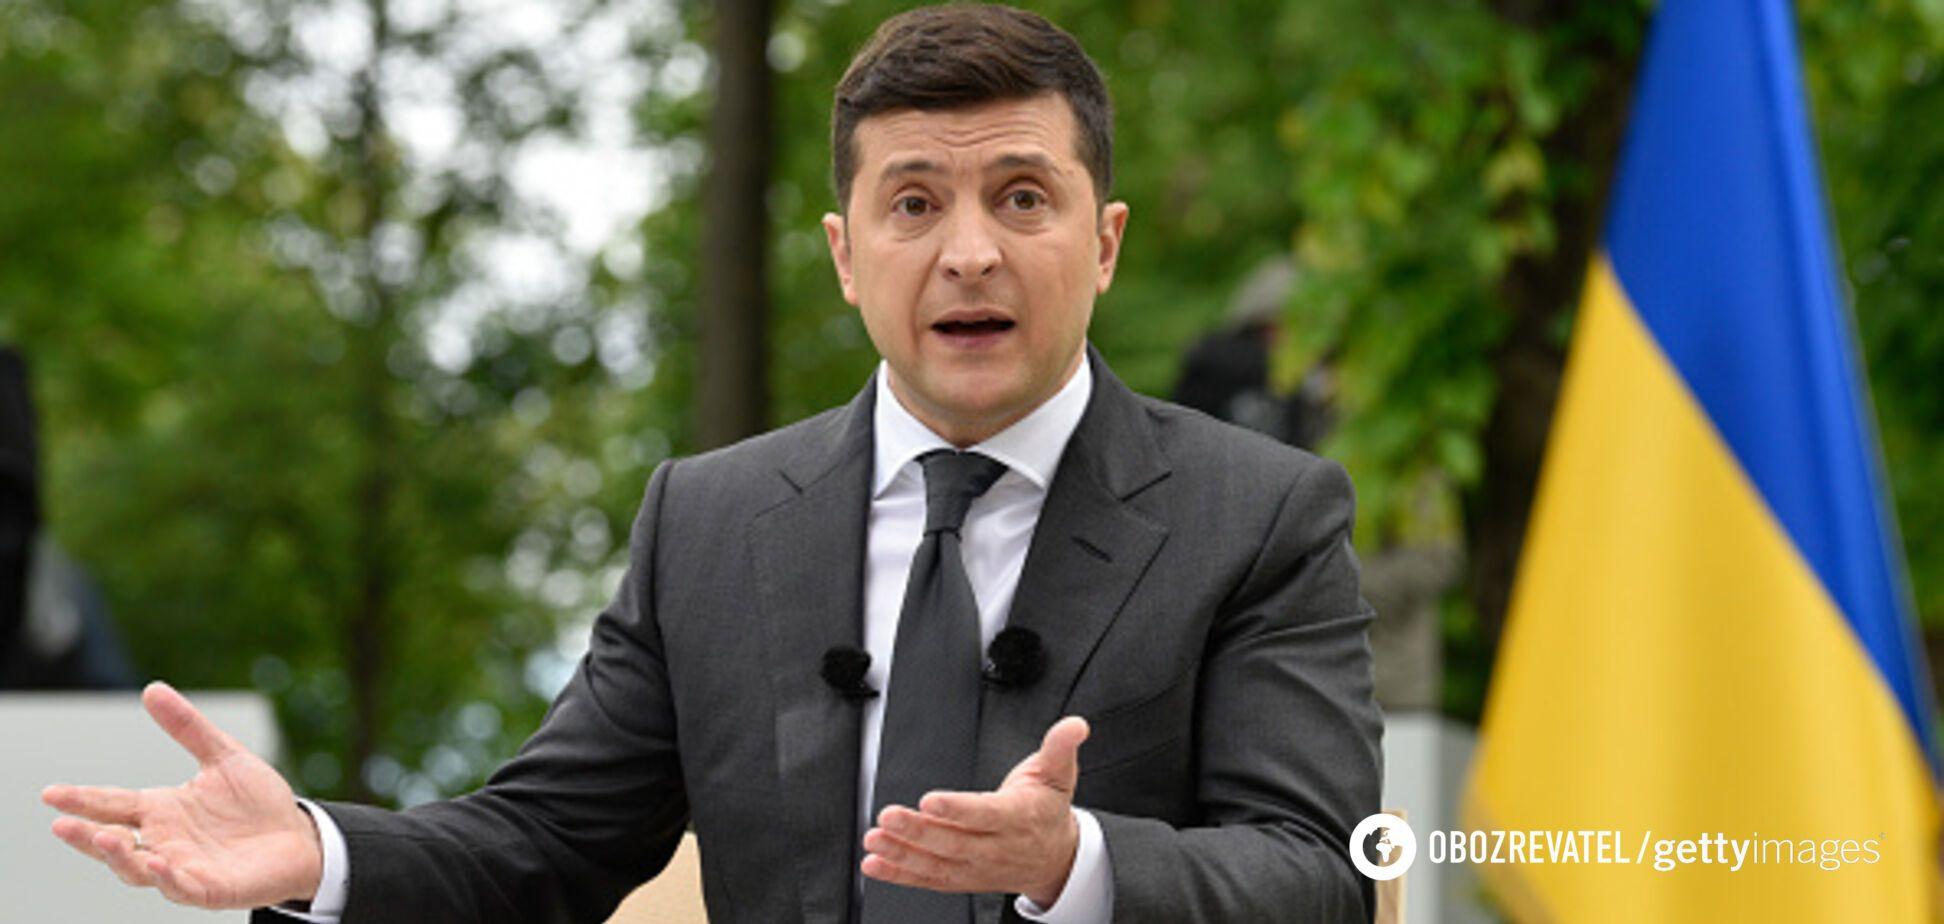 Зеленський анонсував три етапи підвищення мінімальної зарплати